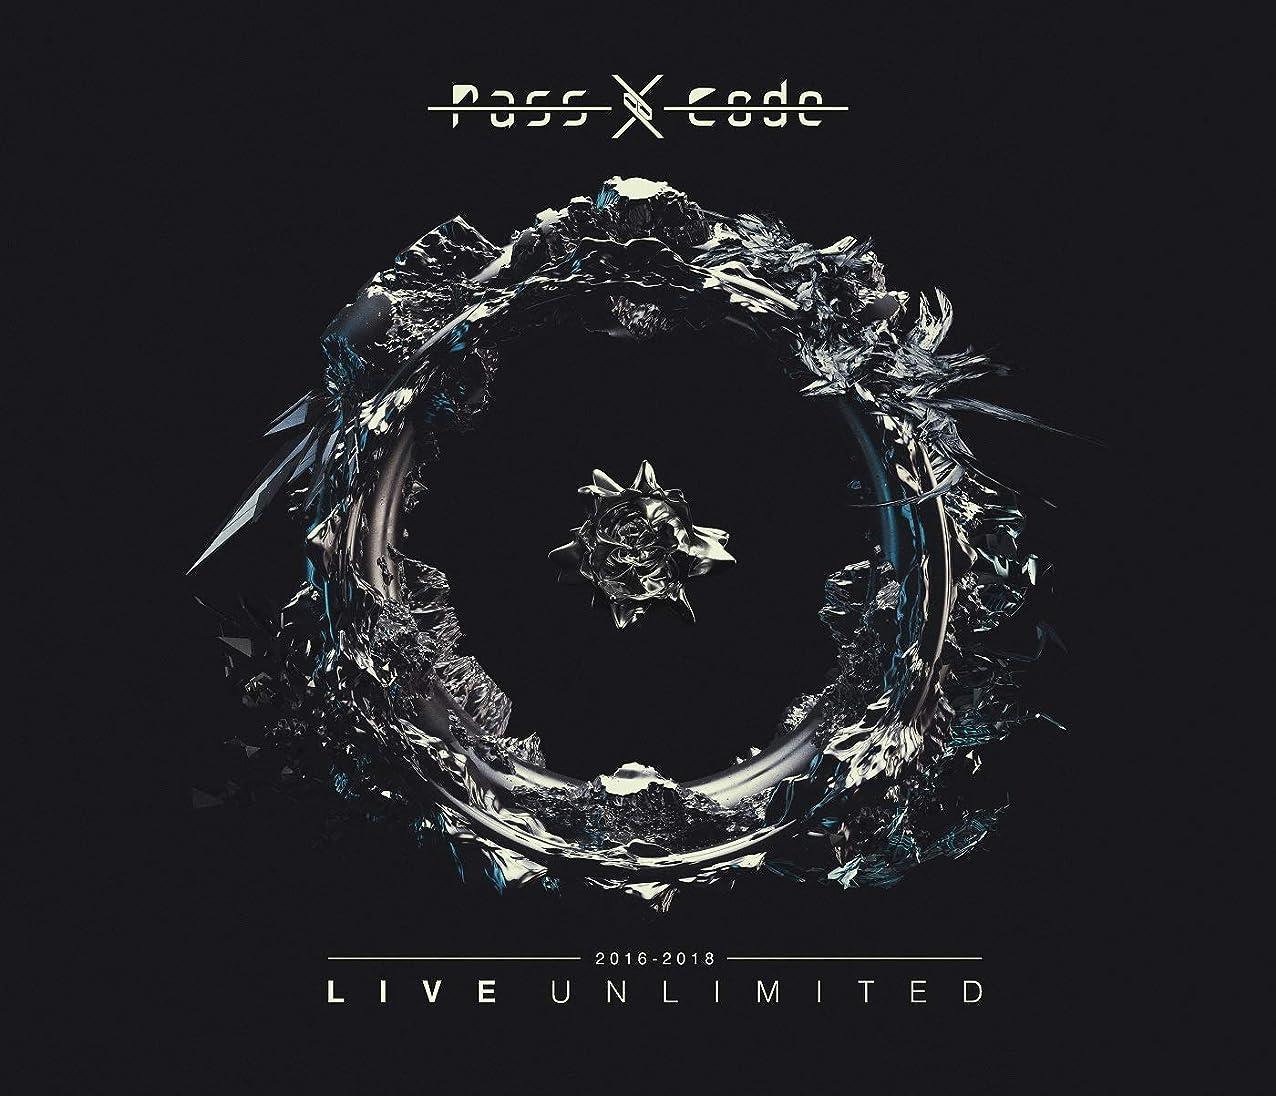 ホステス選挙甘味PassCode 2016-2018 LIVE UNLIMITED